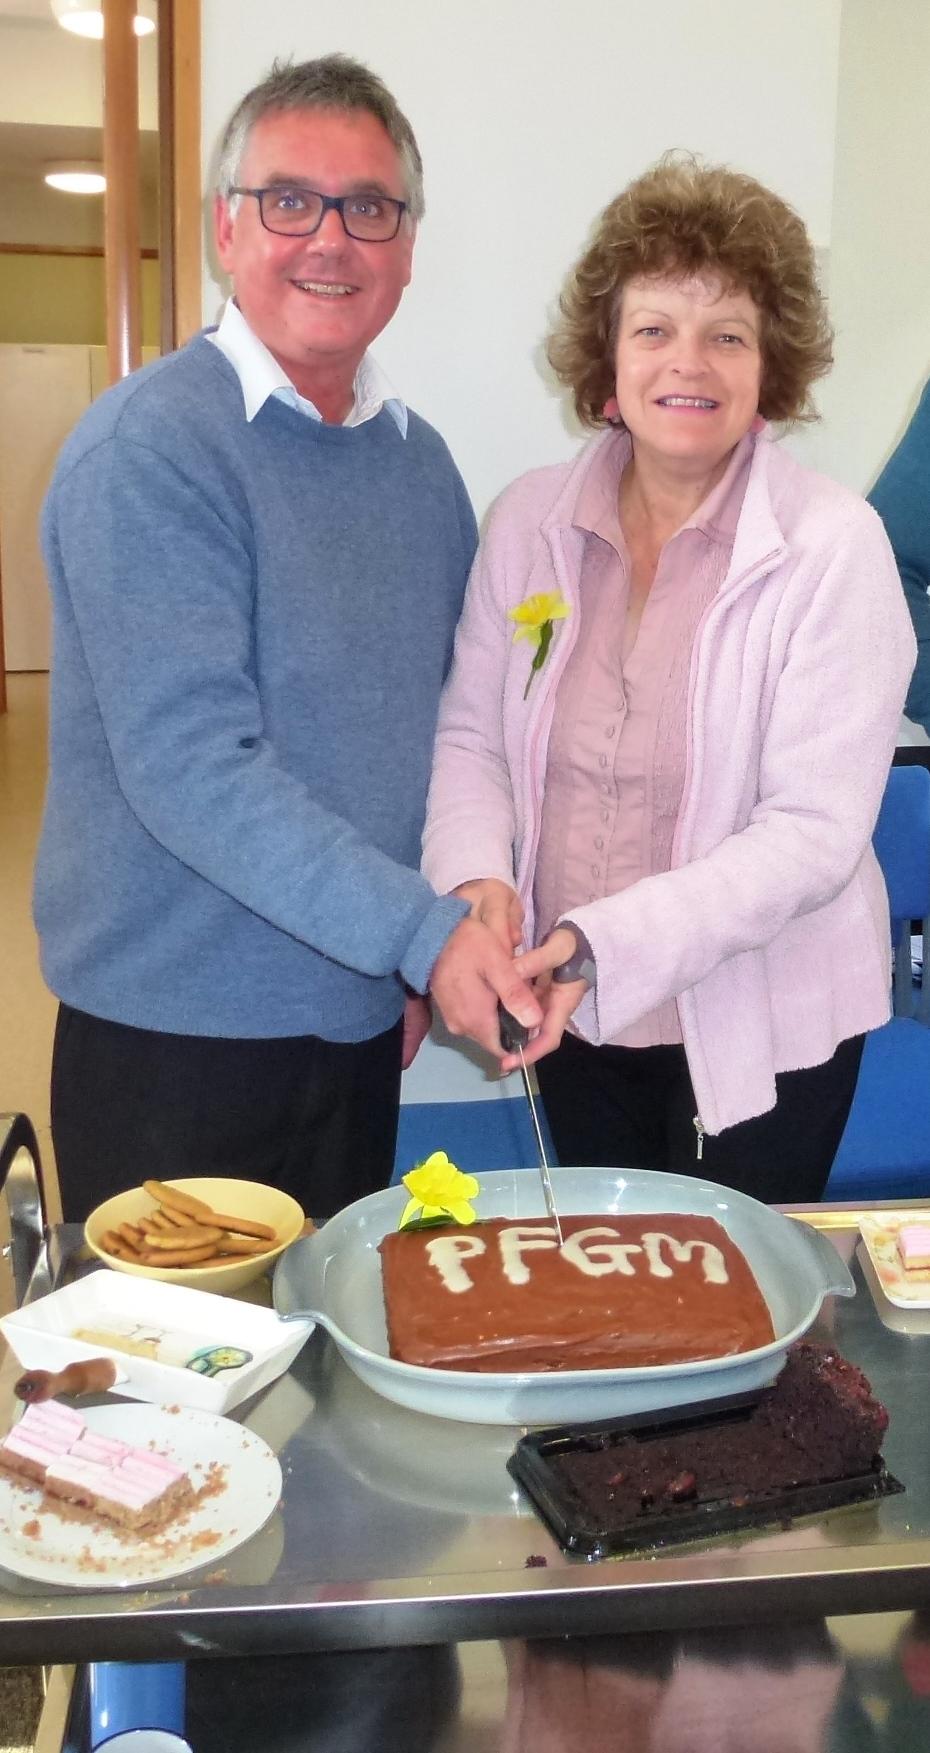 Bill & Julia cutting the cake